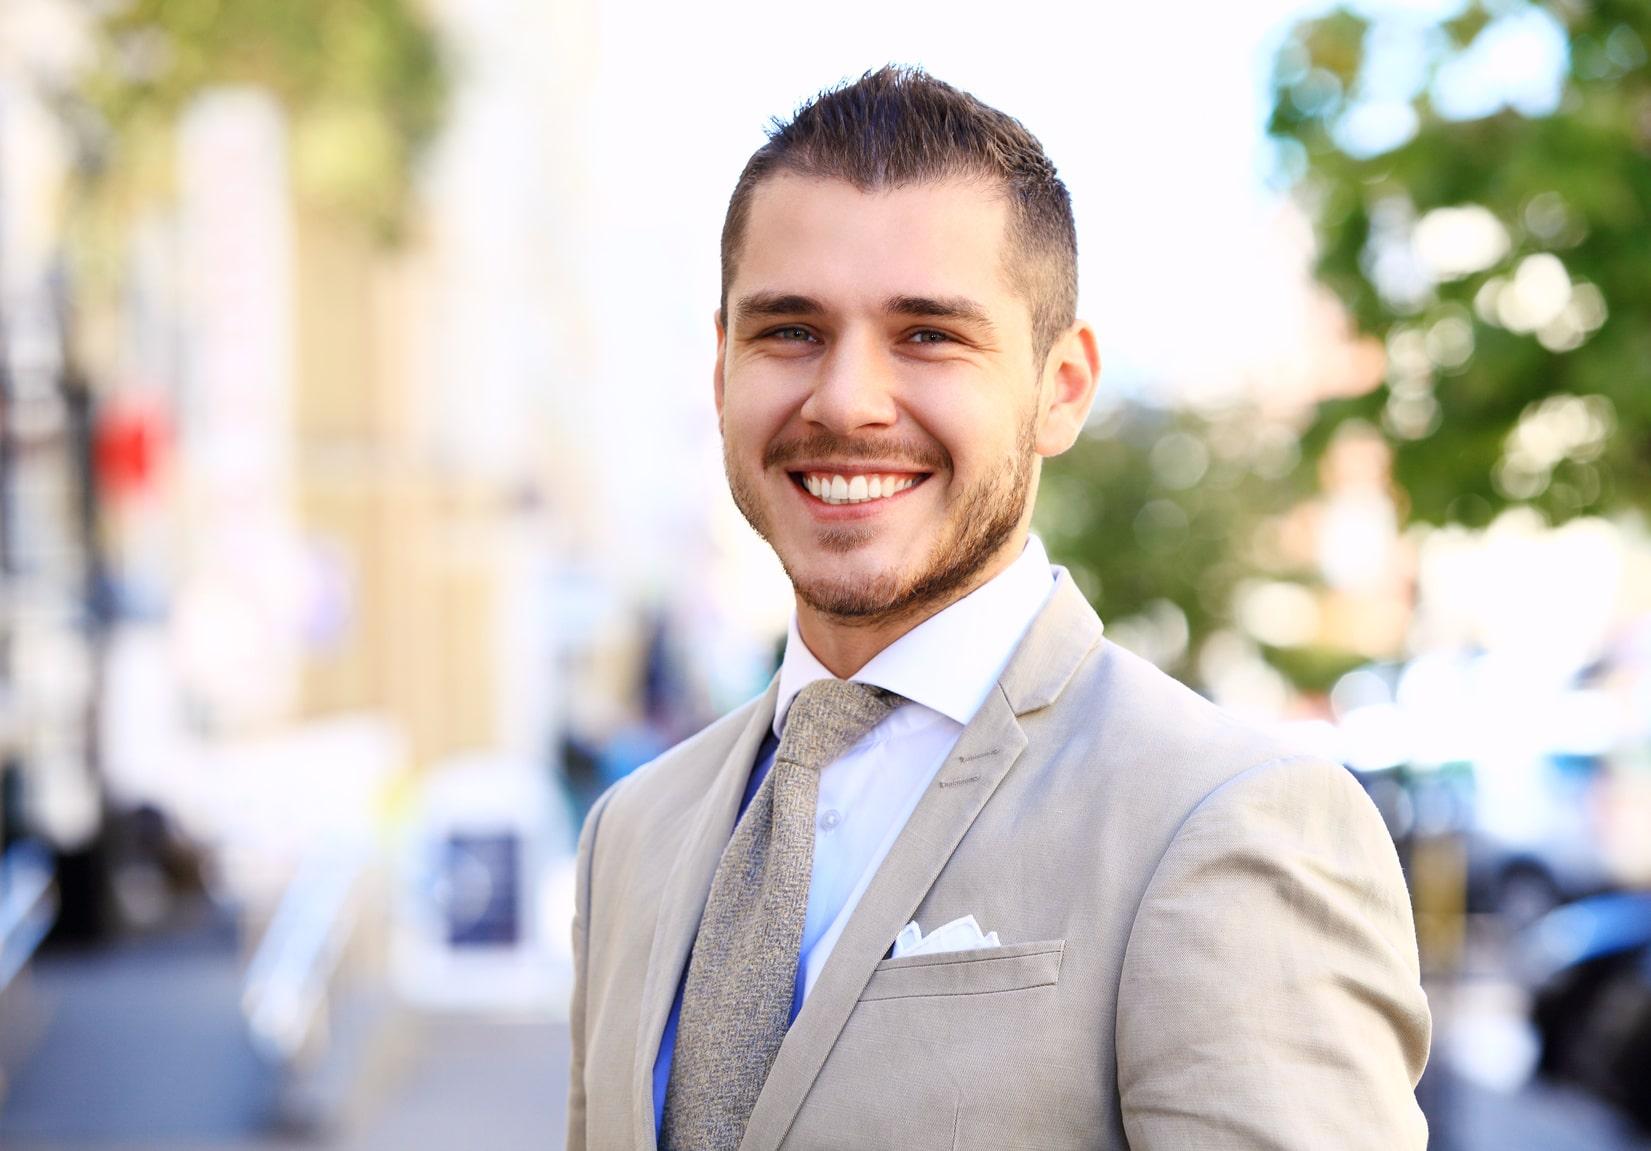 Ein junger Mann in einem grauen Anzug lächelt Selbstbewusst, weil das Programm der unibee Institute zum Selbstvertrauen aufbauen, schnell und gut geholfen hat.